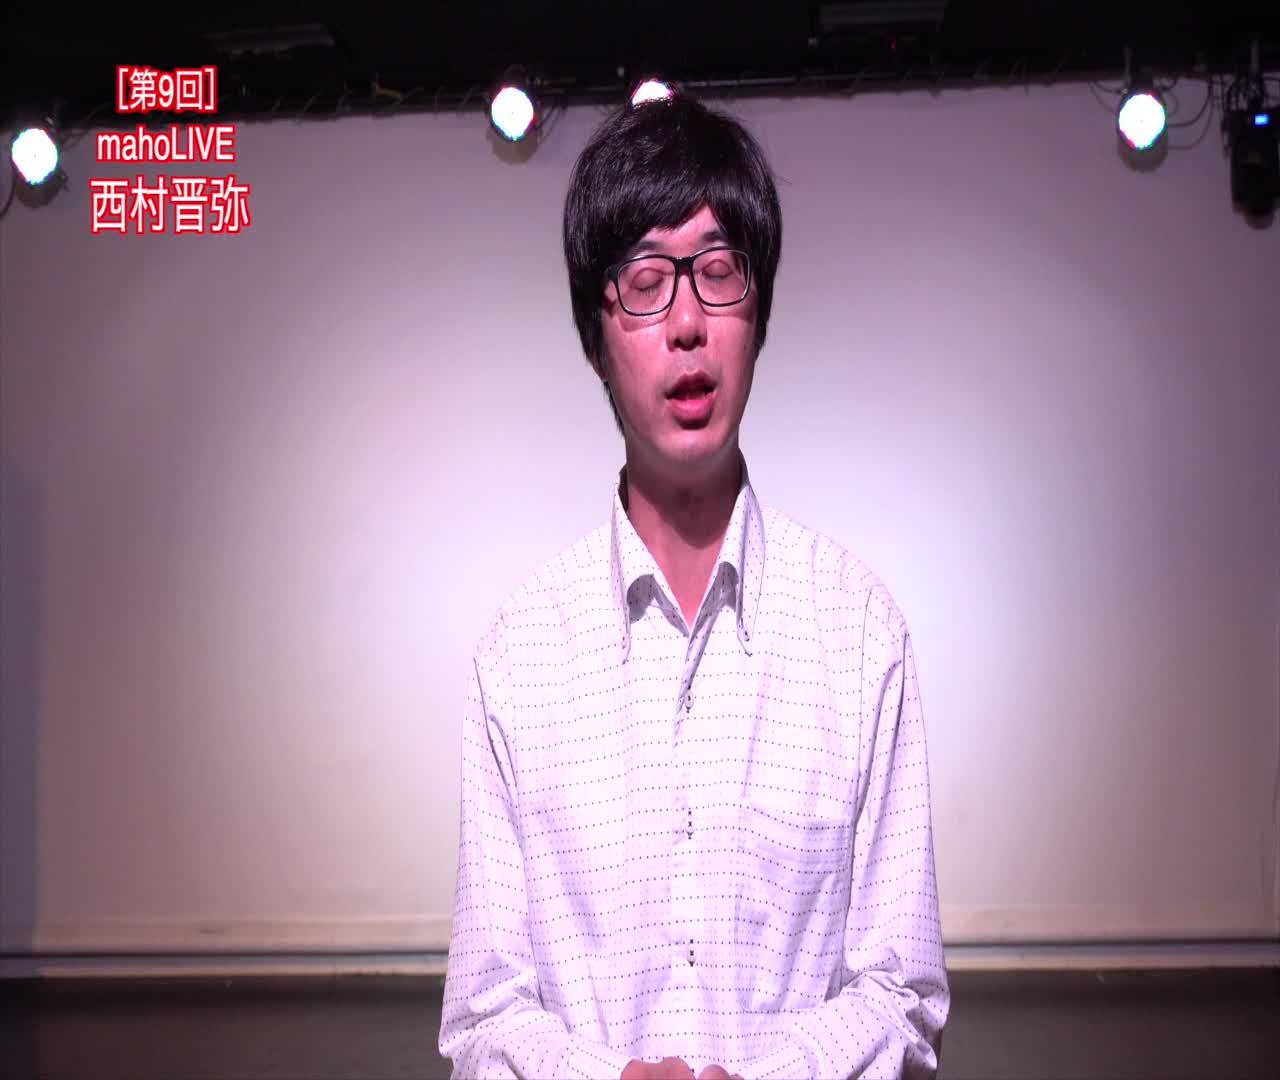 第9回 mahoLIVE ゲスト:西村晋弥